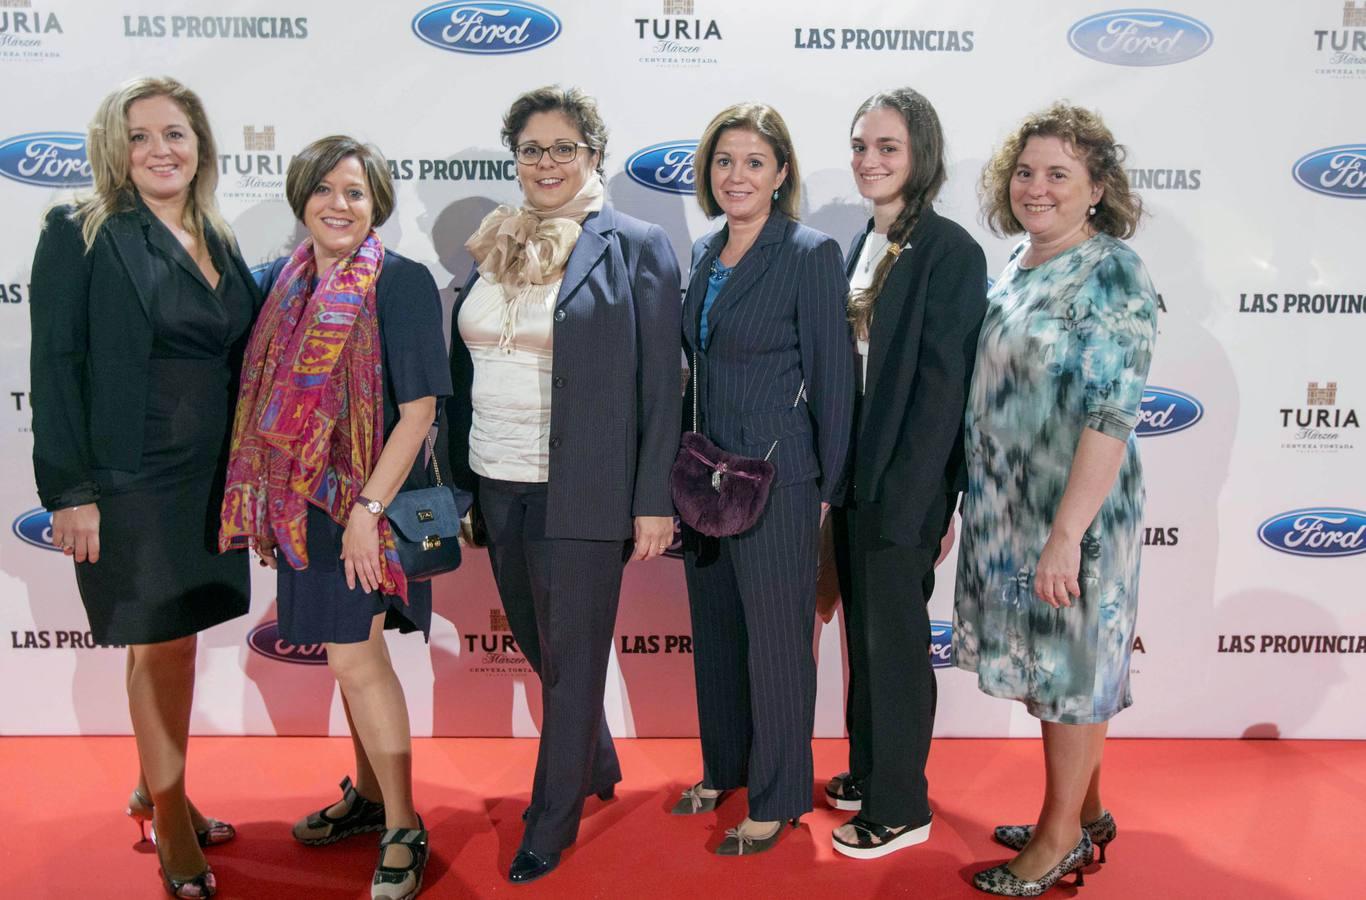 Fotos de todos los representantes de la sociedad valenciana